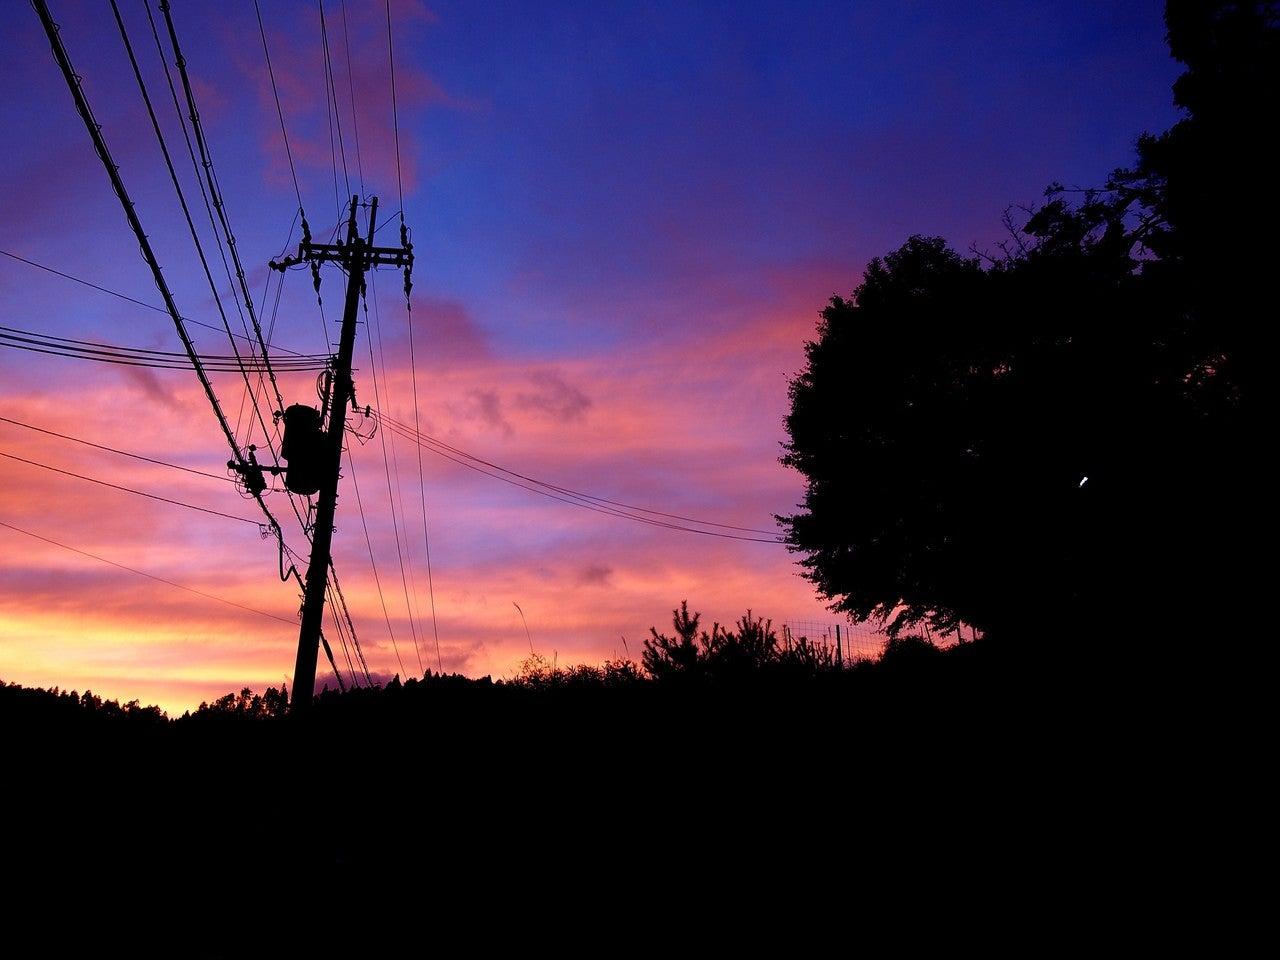 いつか 見 た 夕焼け は